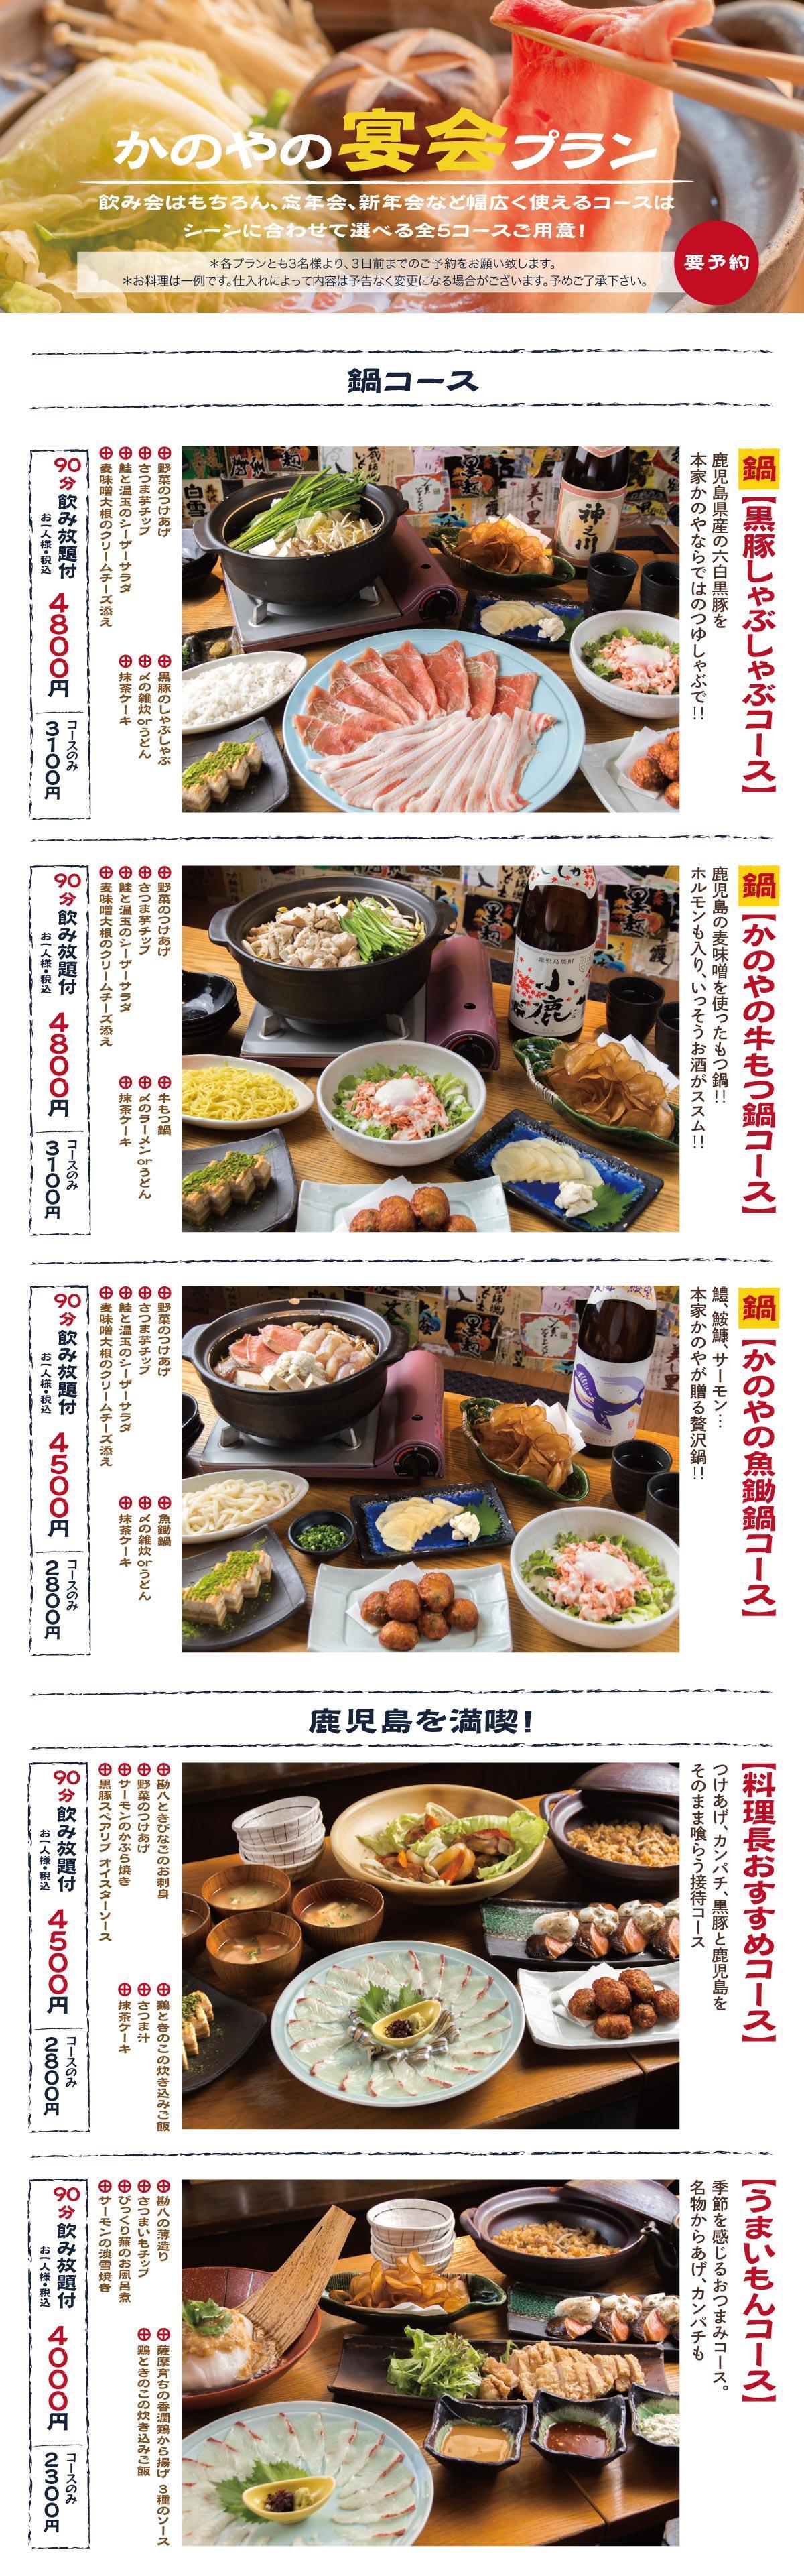 kanoya_1711_web_enkai.jpg